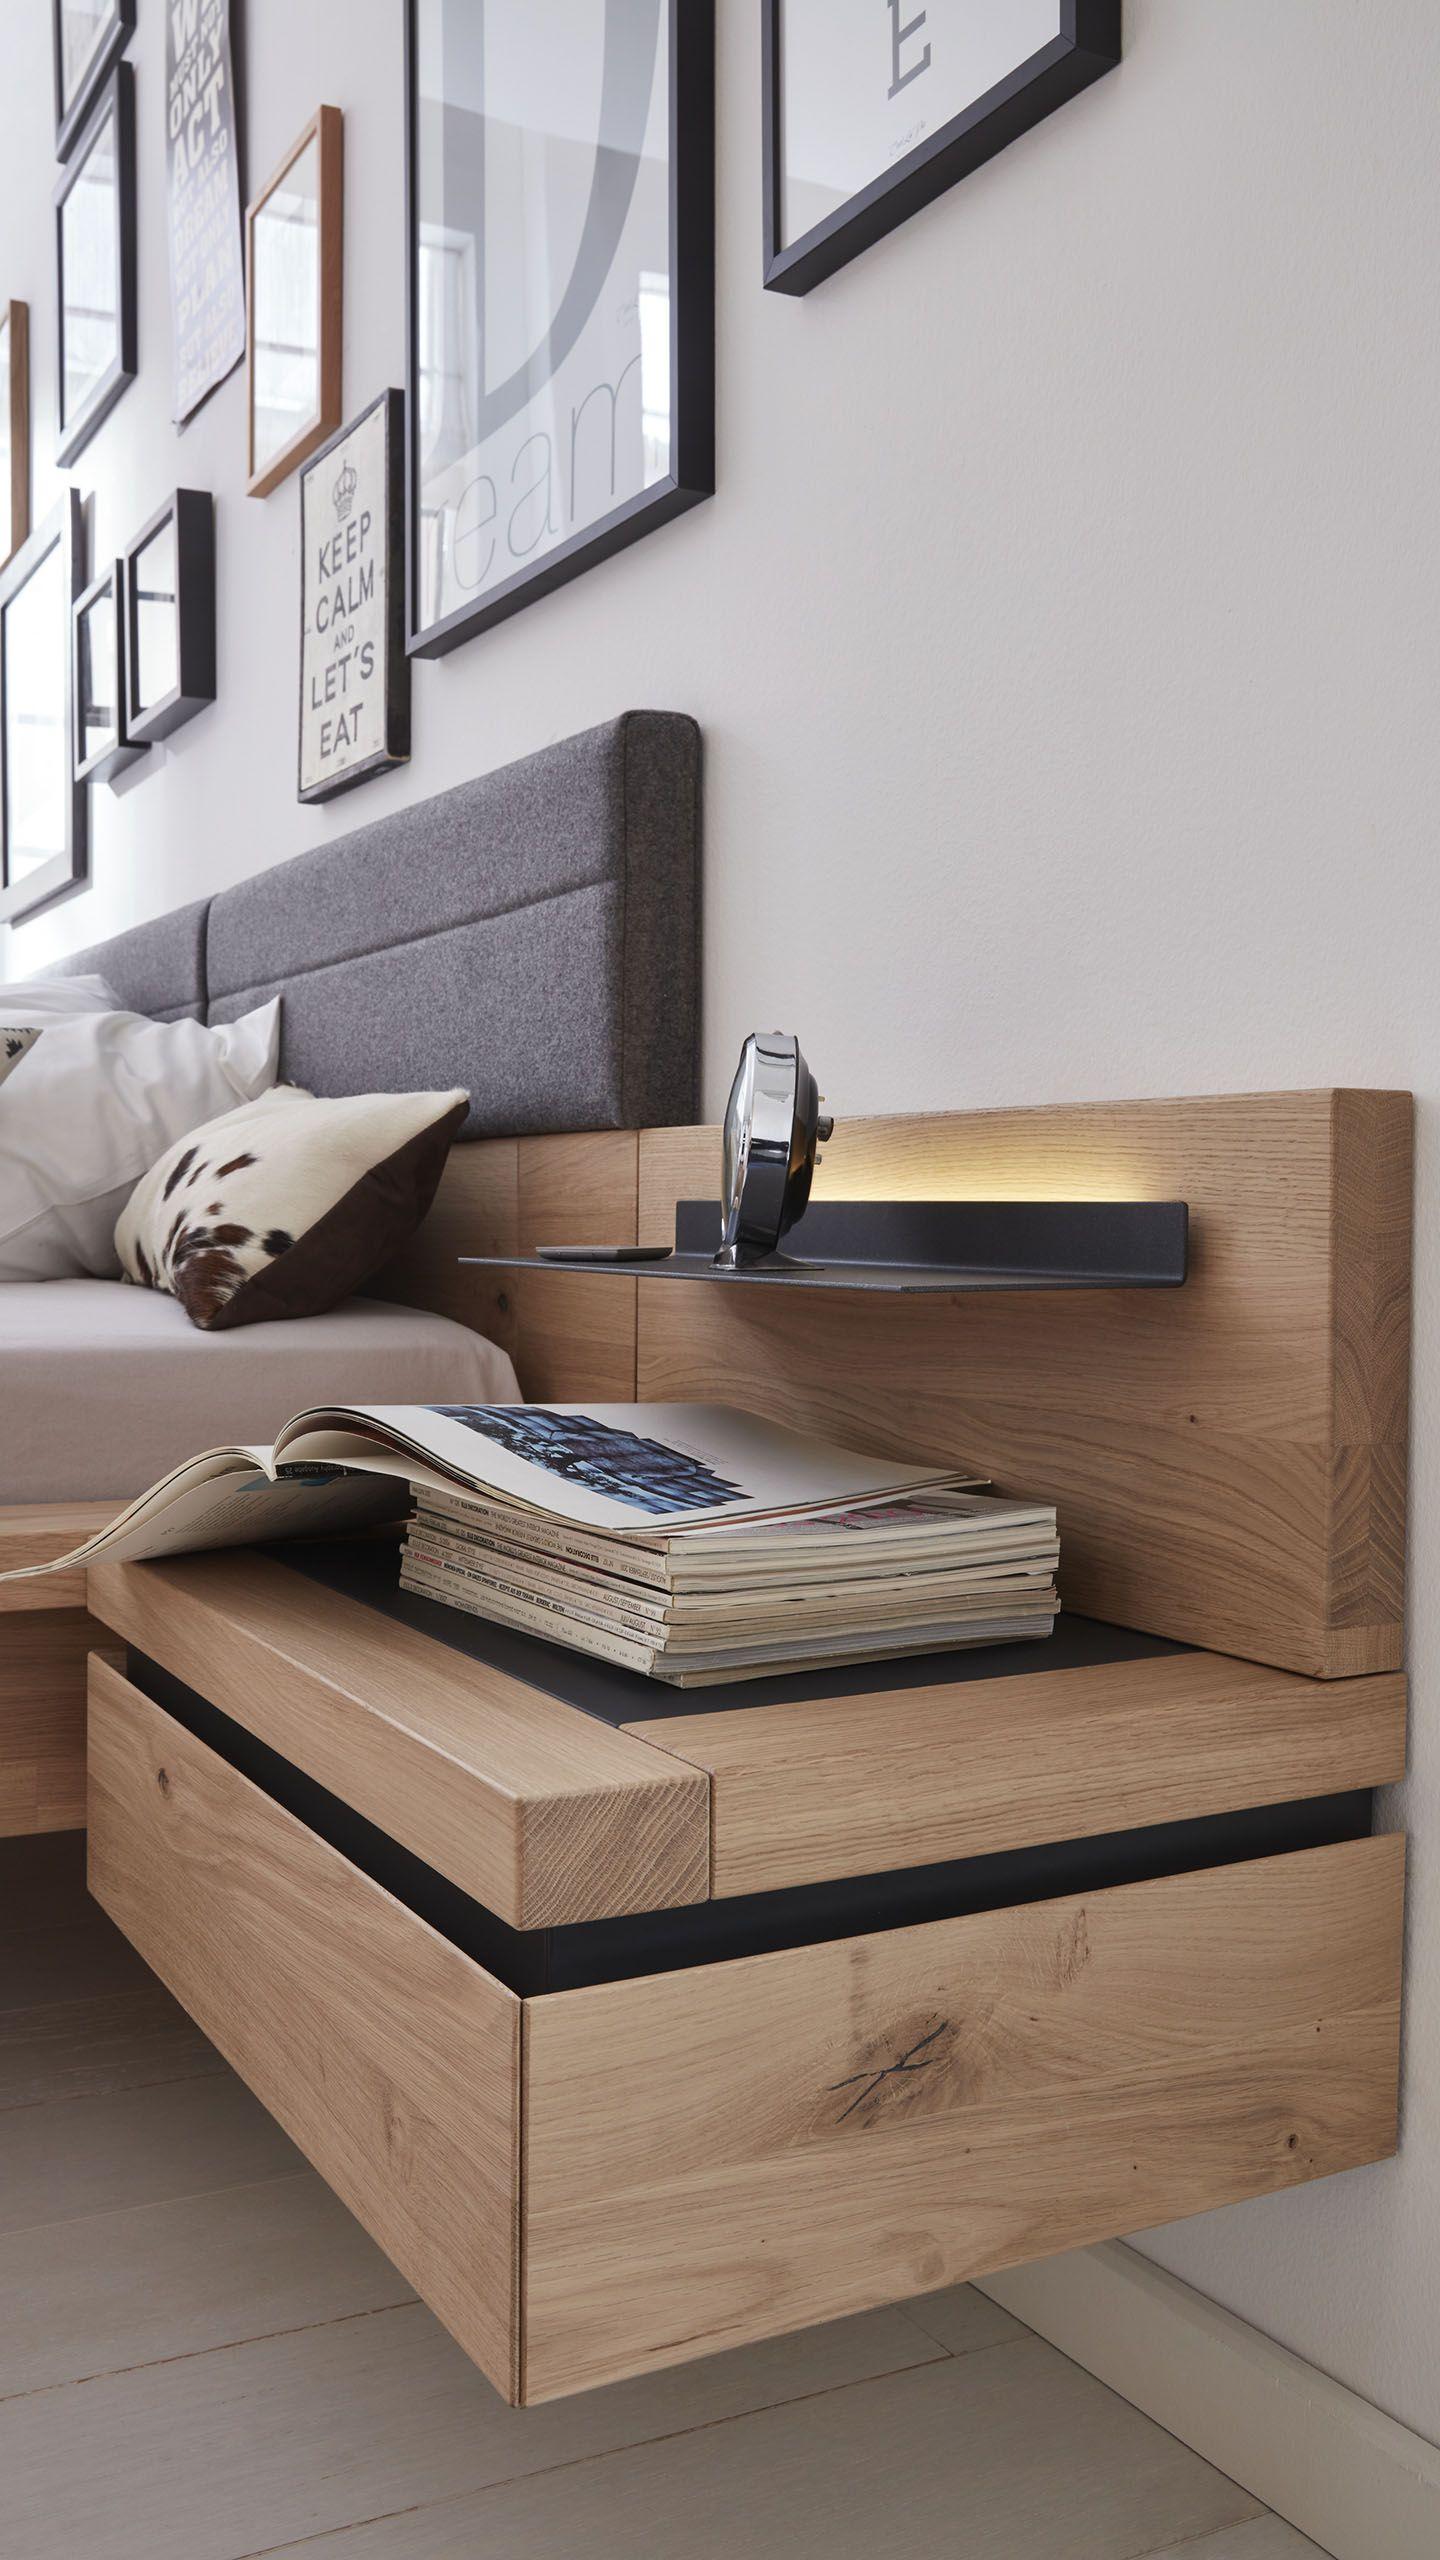 Schlafzimmer Serie 1005 Schlafzimmer Schlafzimmer Einrichten Bett Modern